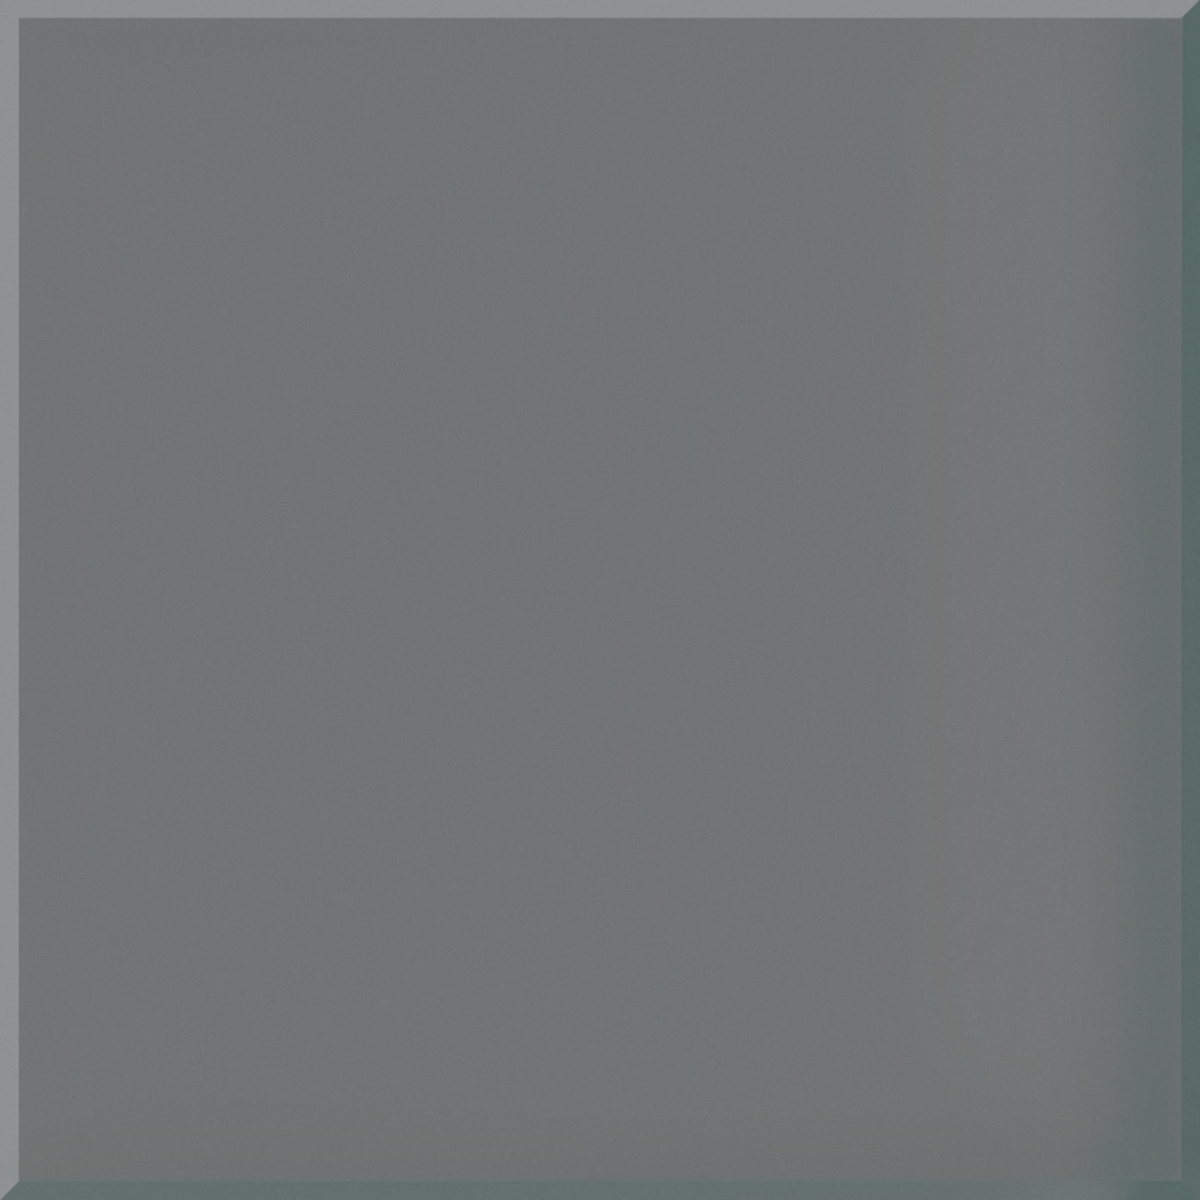 Nadstawka na Ladę Recepcyjną Victor V 066 B - RAL 7046 Telegrau2